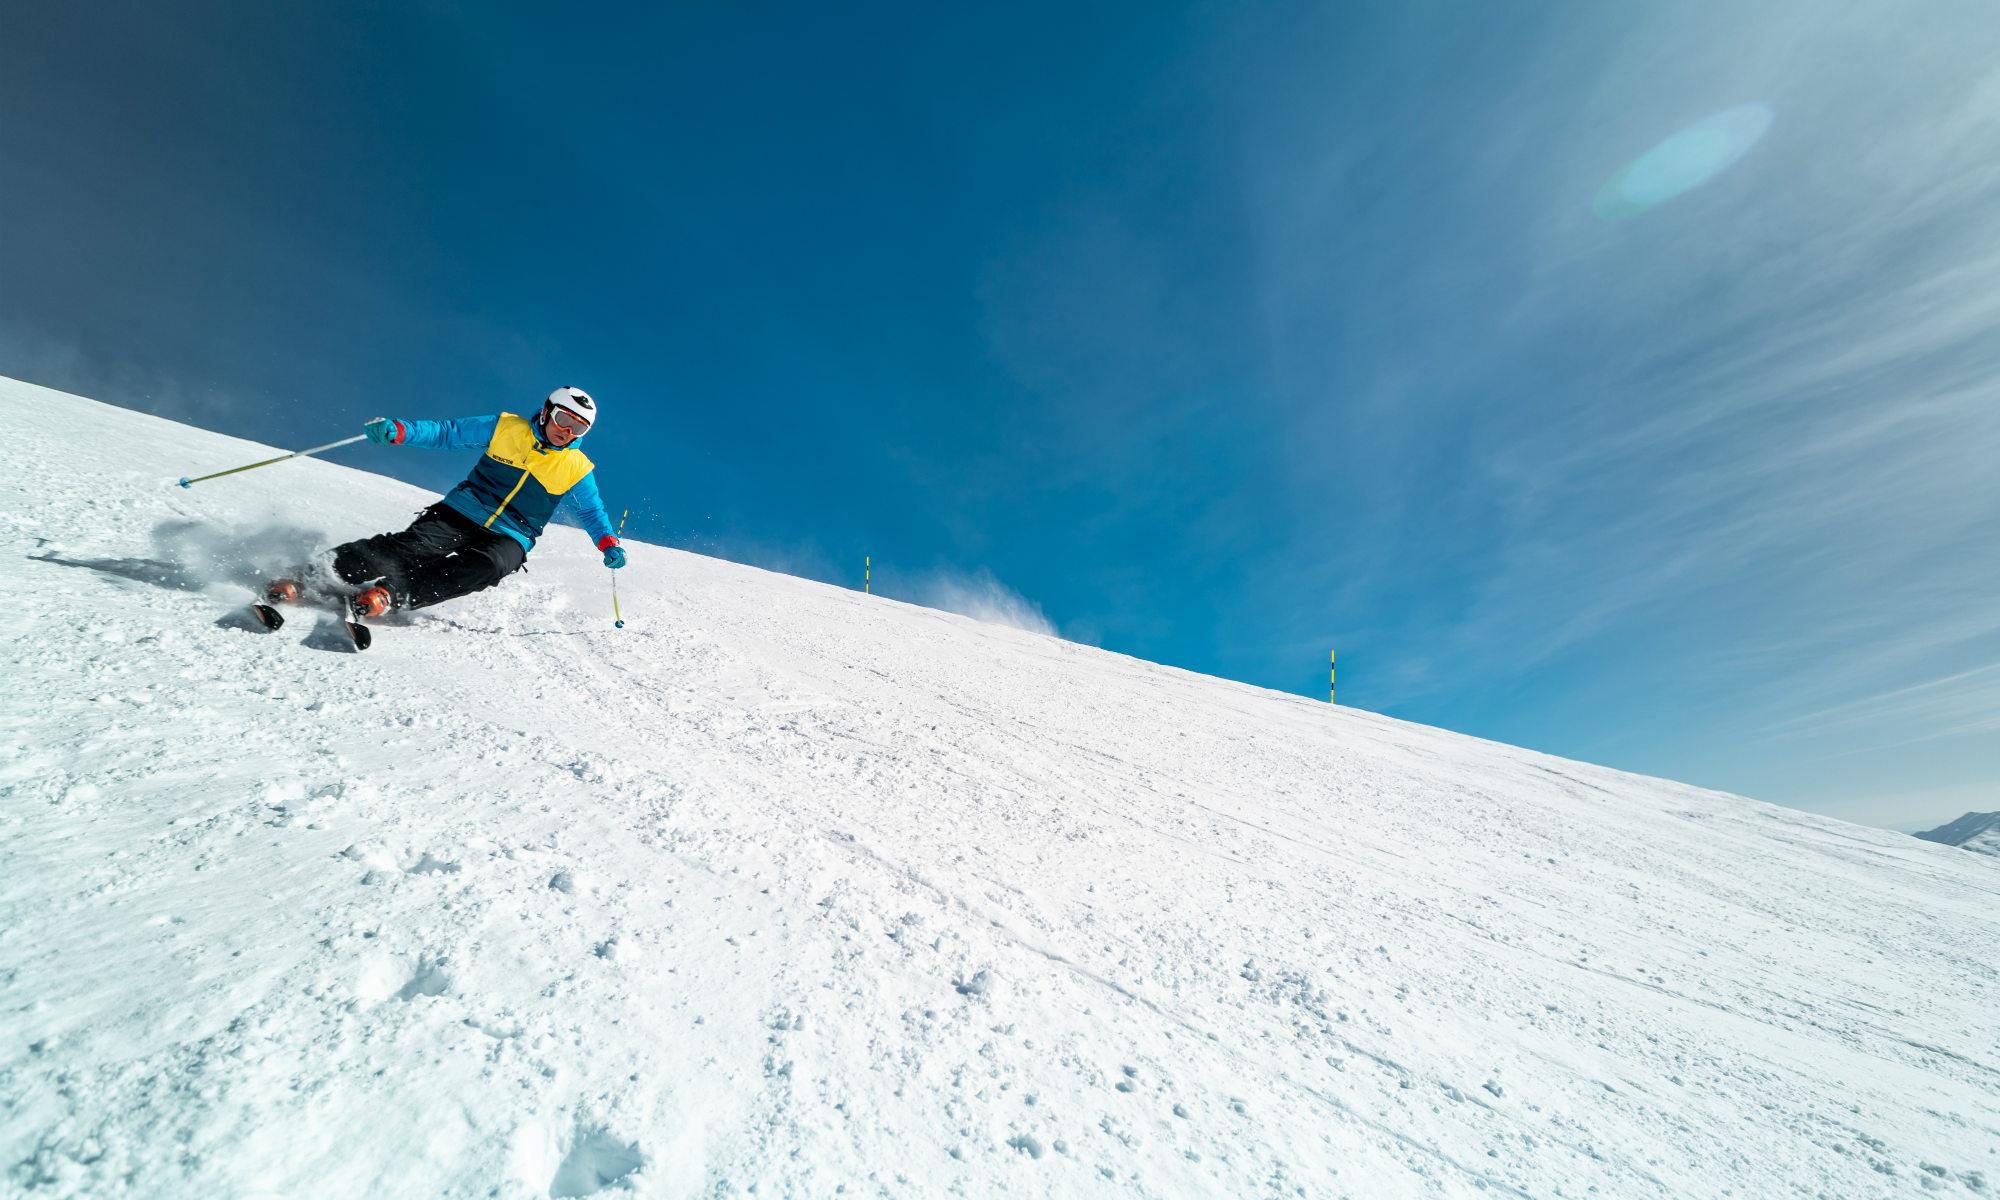 Un abile sciatore dimostra la sua tecnica sulla neve lungo un pendio particolarmente difficile.